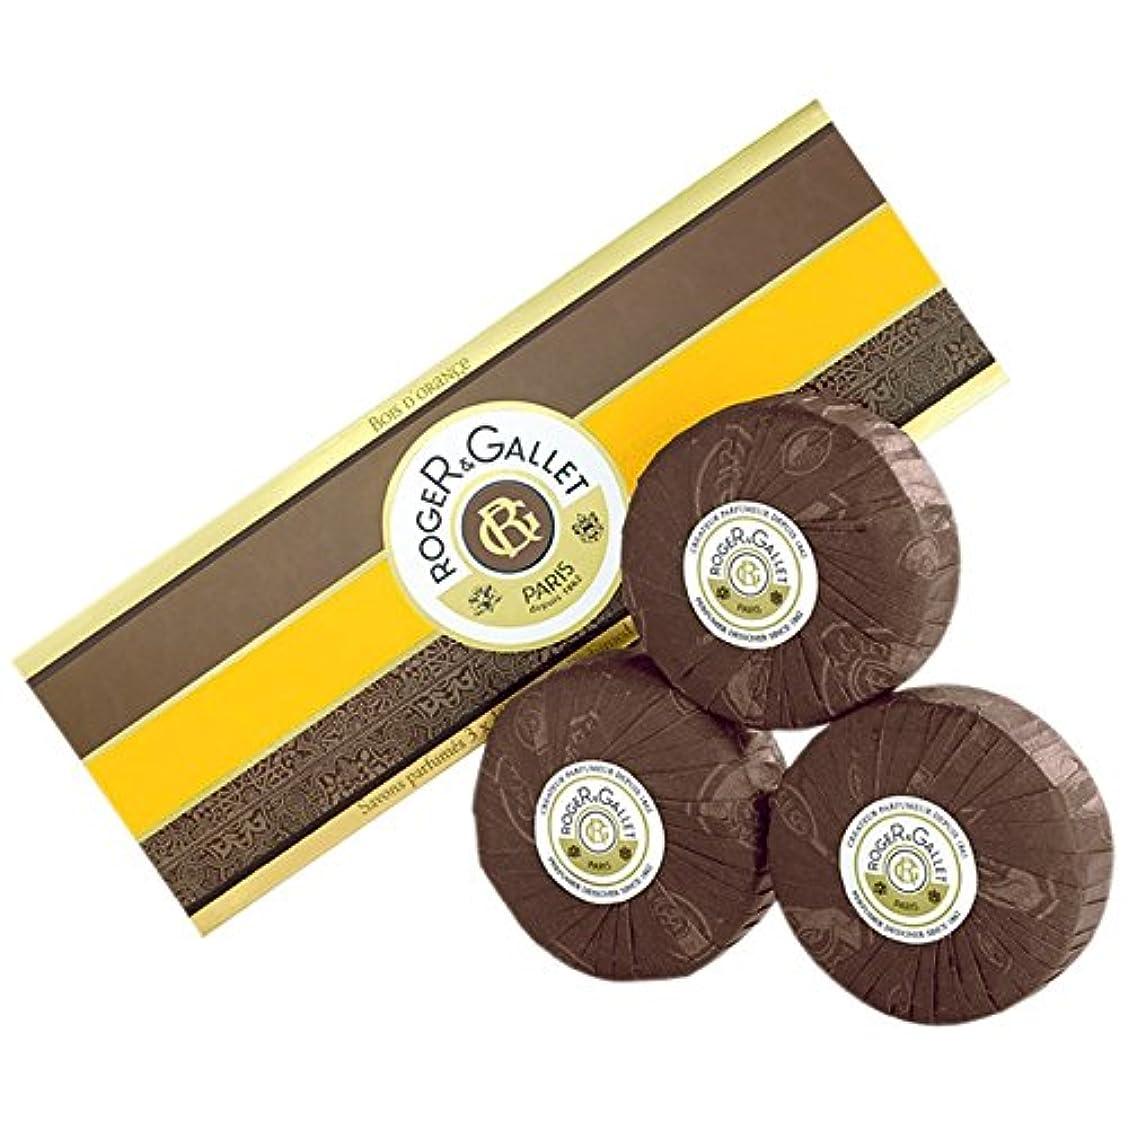 引退する靄スピーチロジャー&GalletのBoisのドールオレンジソープ3つのX 100グラム (Roger & Gallet) (x6) - Roger & Gallet Bois D'Orange Soap 3 x 100g (Pack...